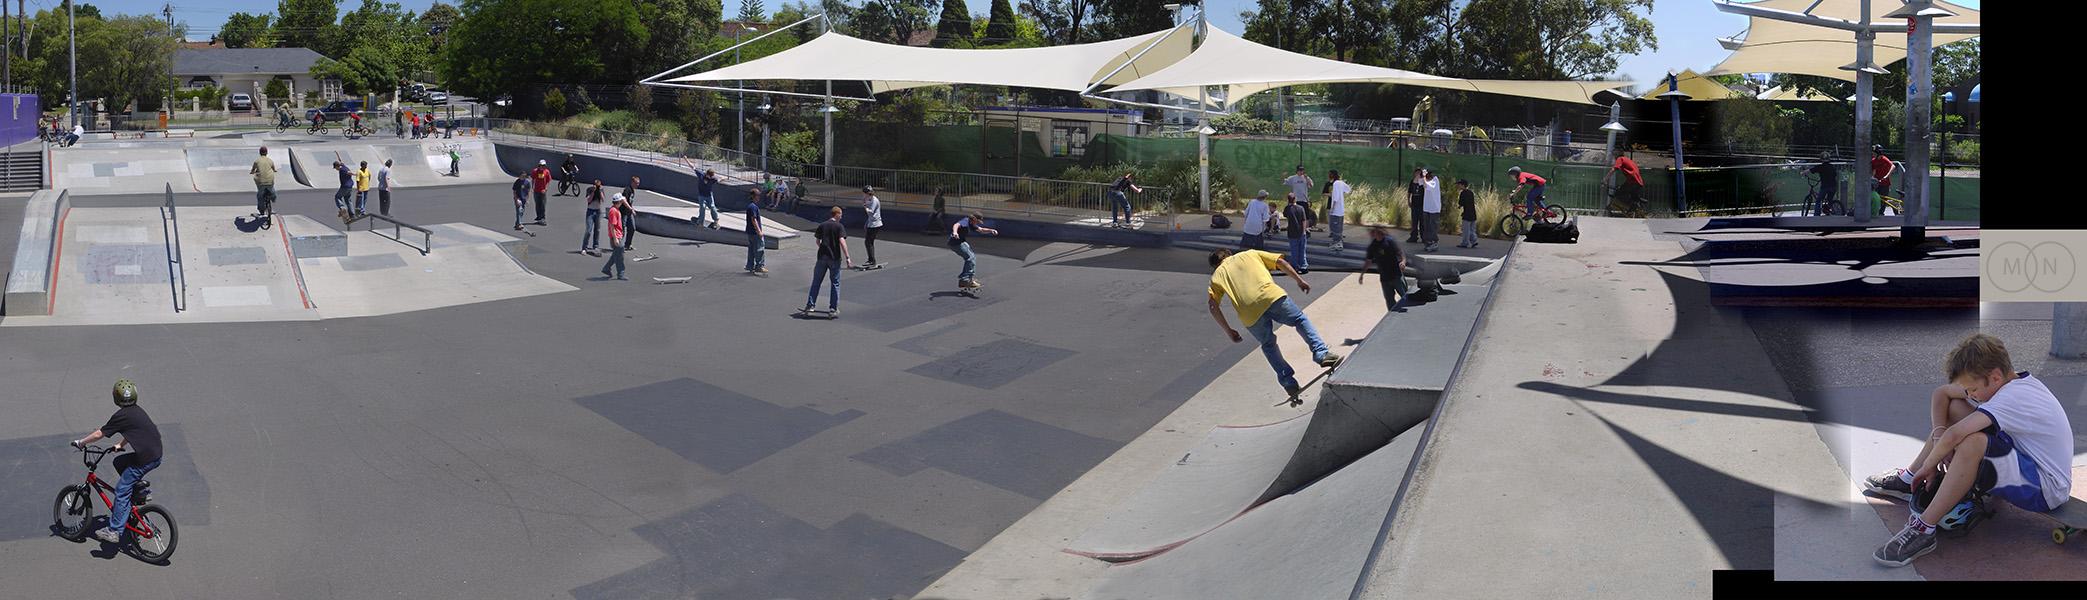 Skate Park Despondency